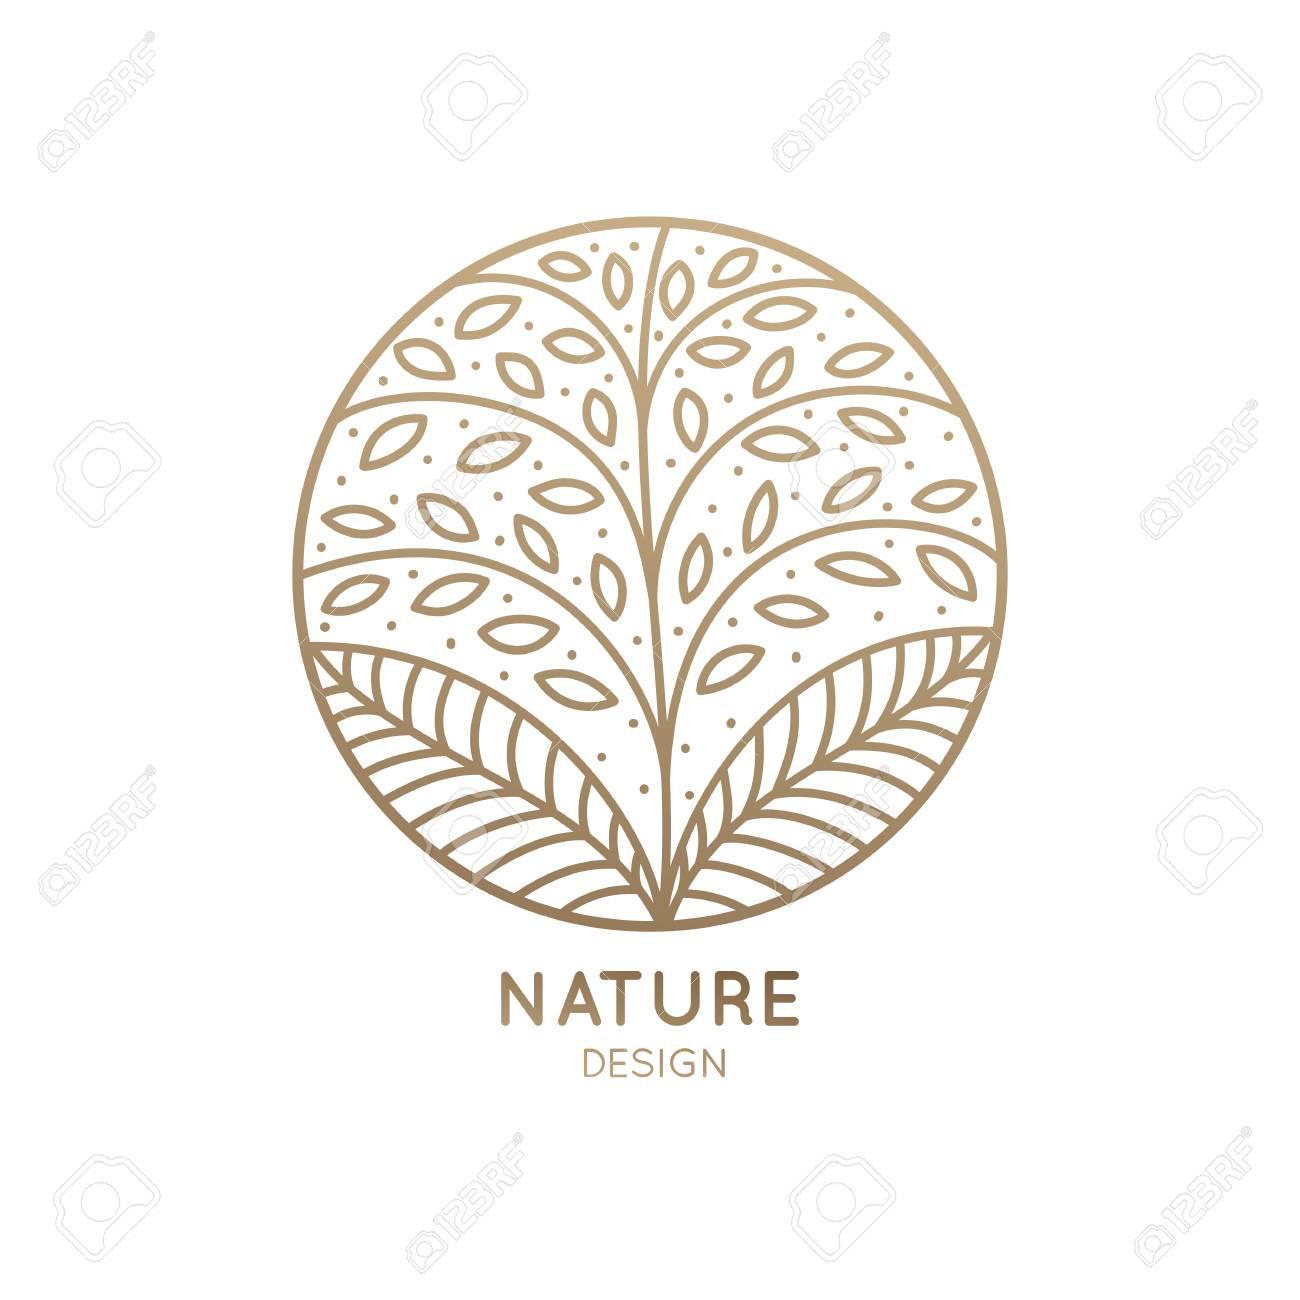 Vector Logo De Elemento Floral. Árbol Abstracto Con Hojas En Círculo.  Emblema Redondo Lineal Para El Diseño De Productos Naturales 4788b874cb19